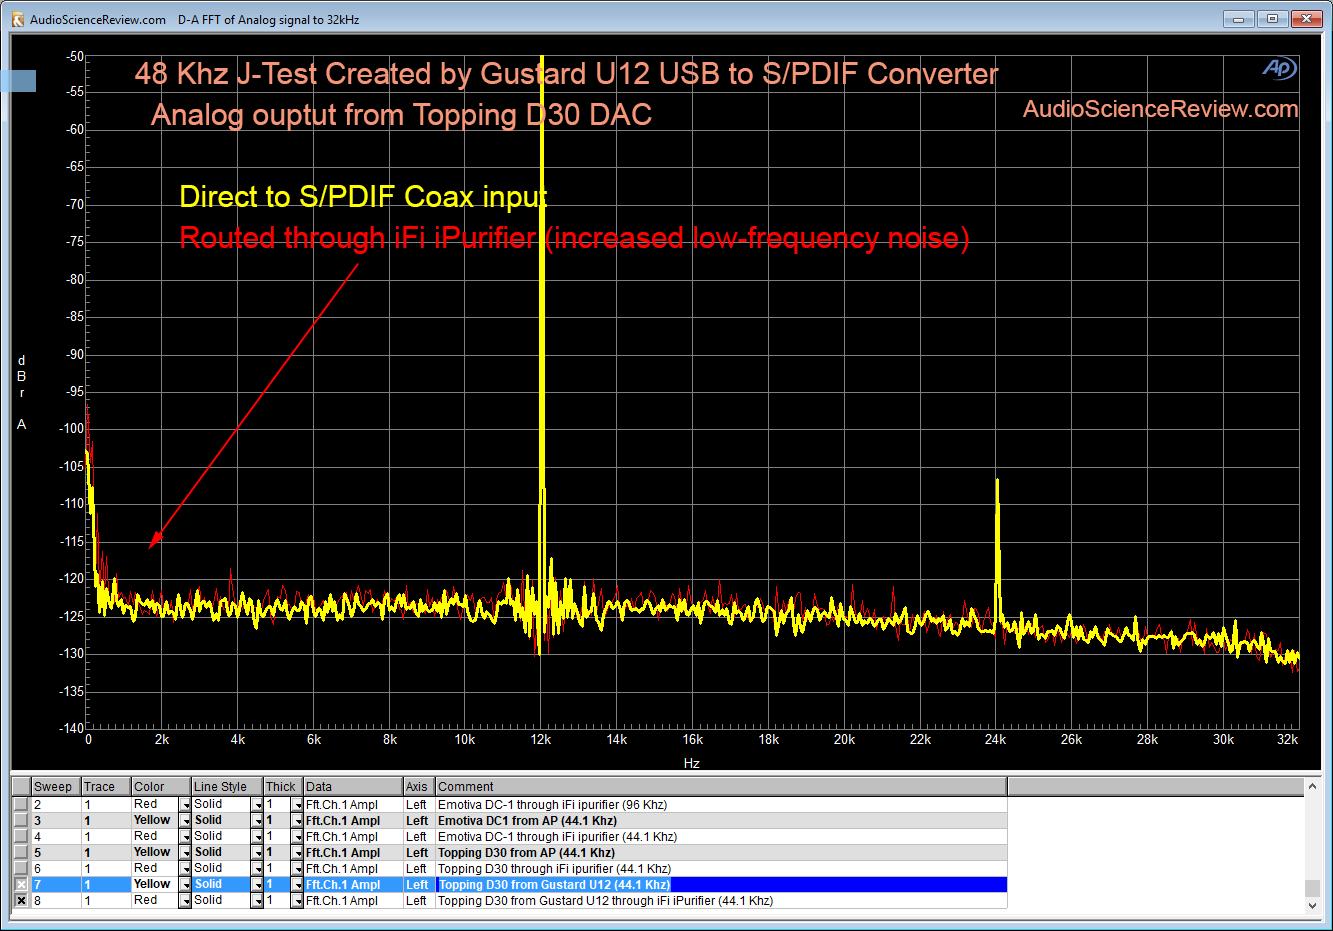 Gustard U12 J-Test 48 Khz Topping D30.png